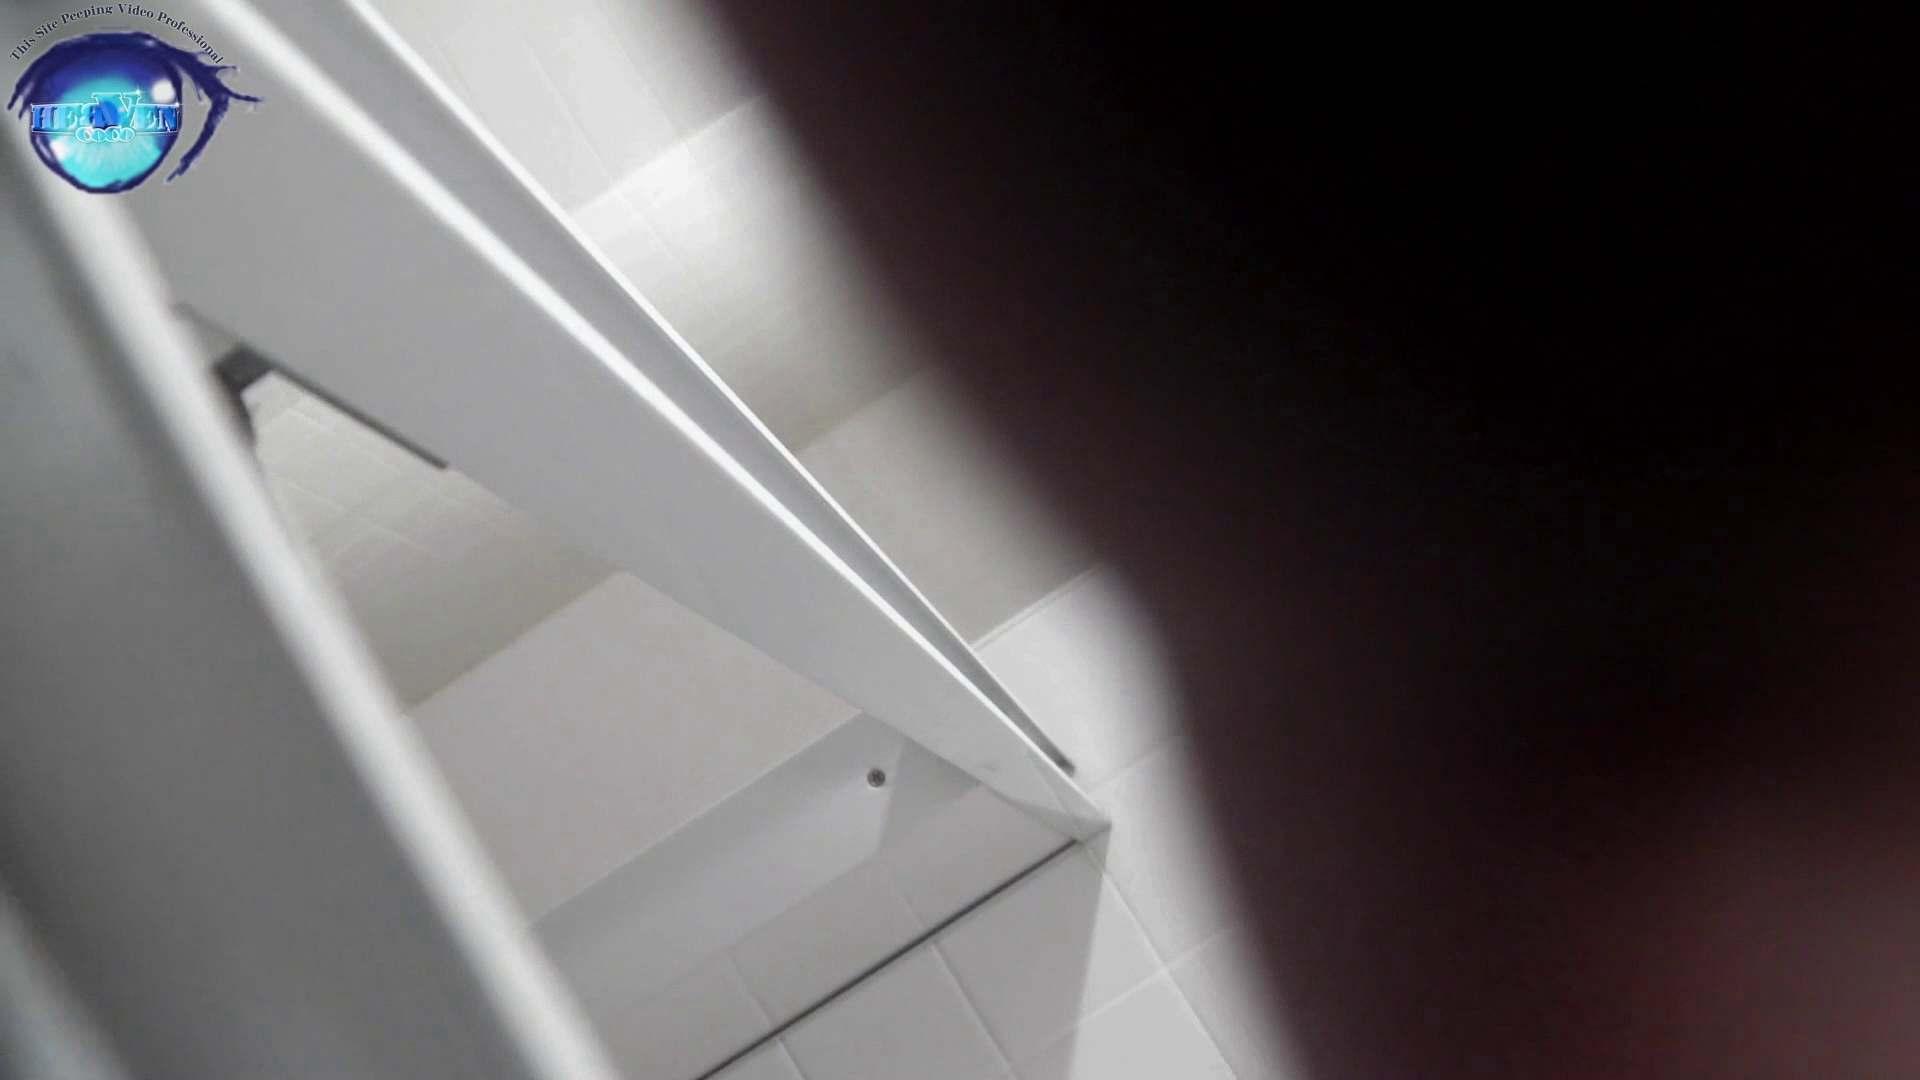 お銀さん vol.59 ピンチ!!「鏡の前で祈る女性」にばれる危機 前編 美人   OL女体  108連発 1